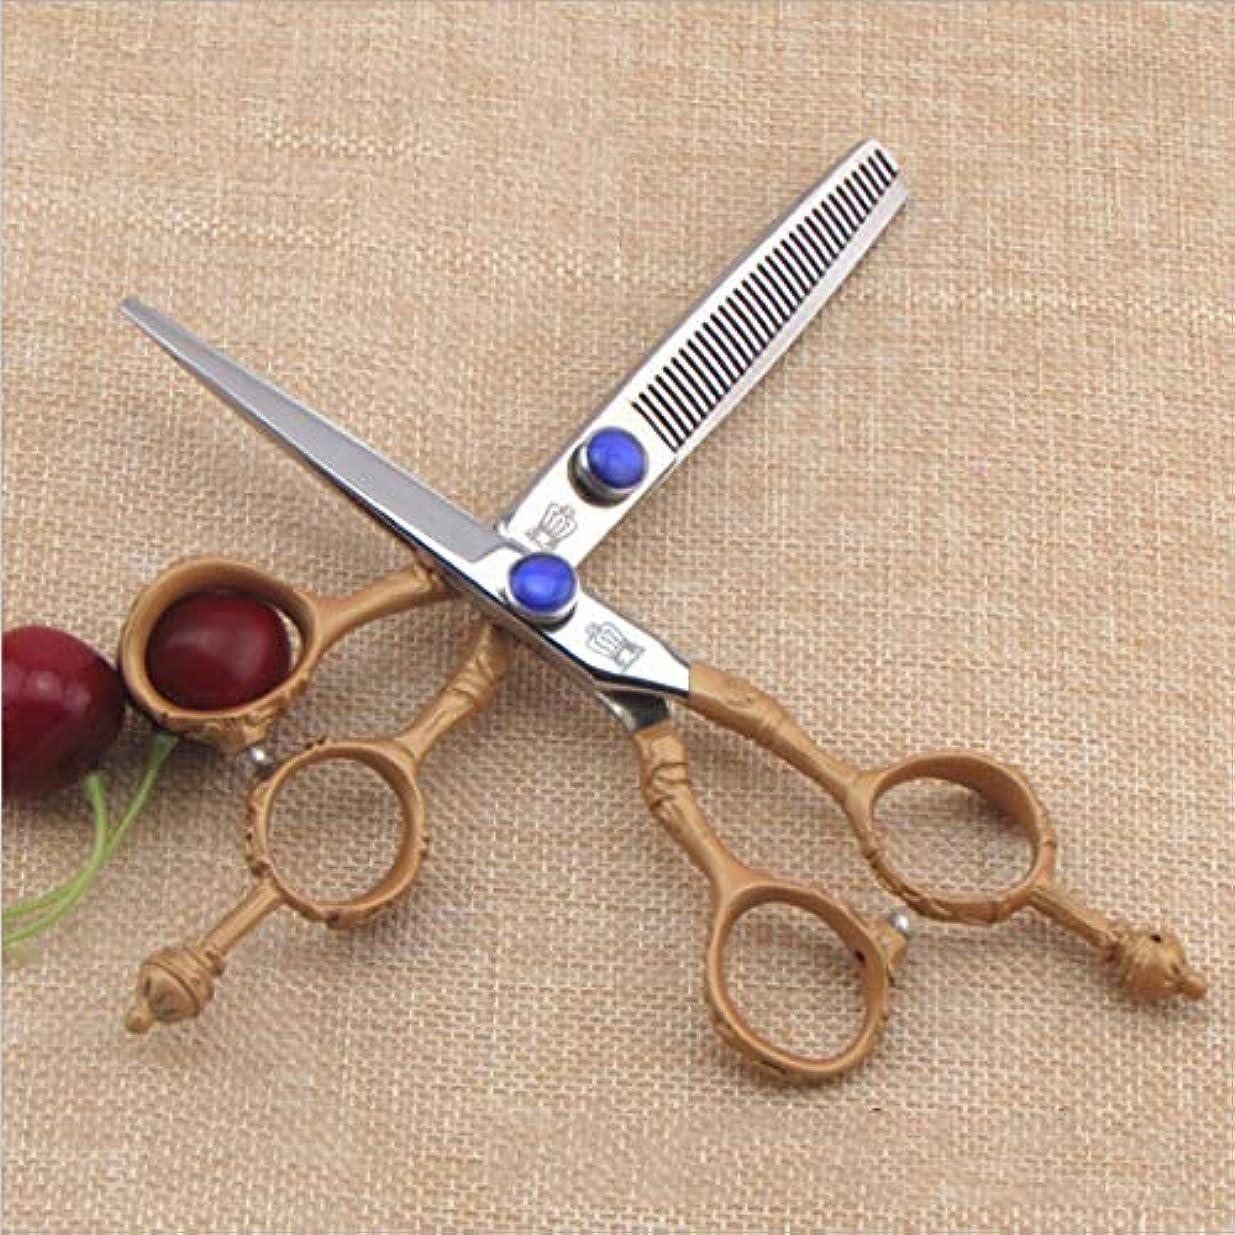 メモ痛い誤ハイエンド理髪はさみ - 髪を薄くするはさみキット、プロの理髪師はさみ モデリングツール (Design : B)